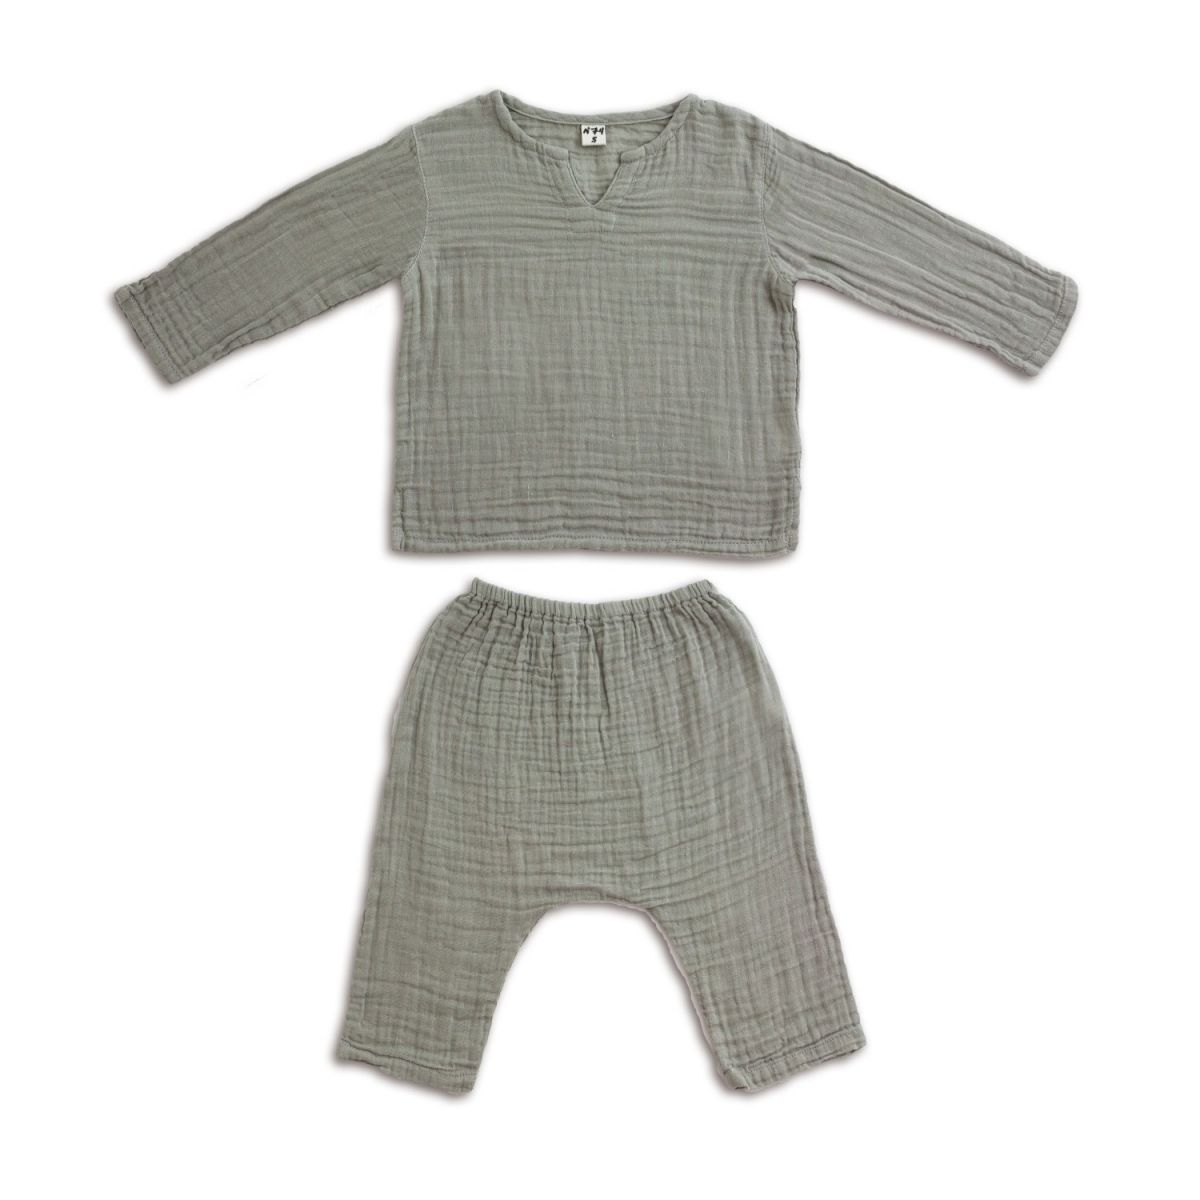 Numero 74 Komplet Zac koszulka & spodnie szary